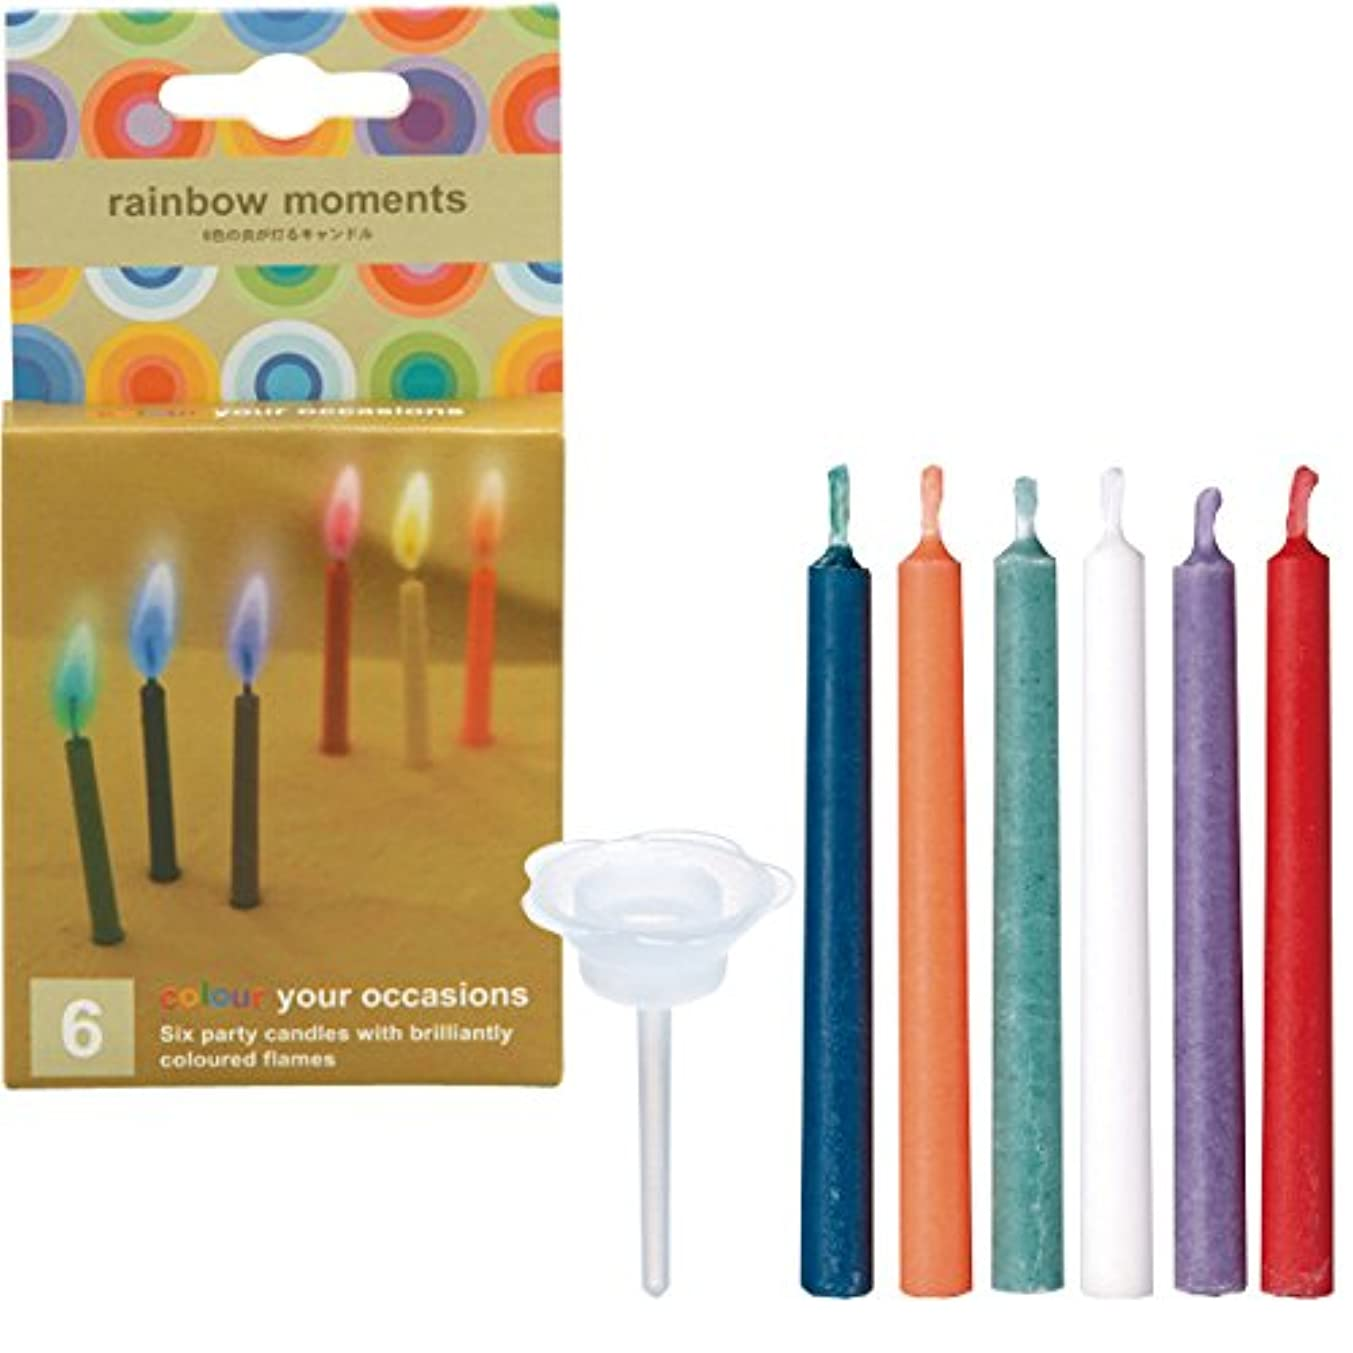 じゃがいもマリン魔法rainbowmoments(レインボーモーメント)6色6本入り 「 6本入り 」 キャンドル 56050000